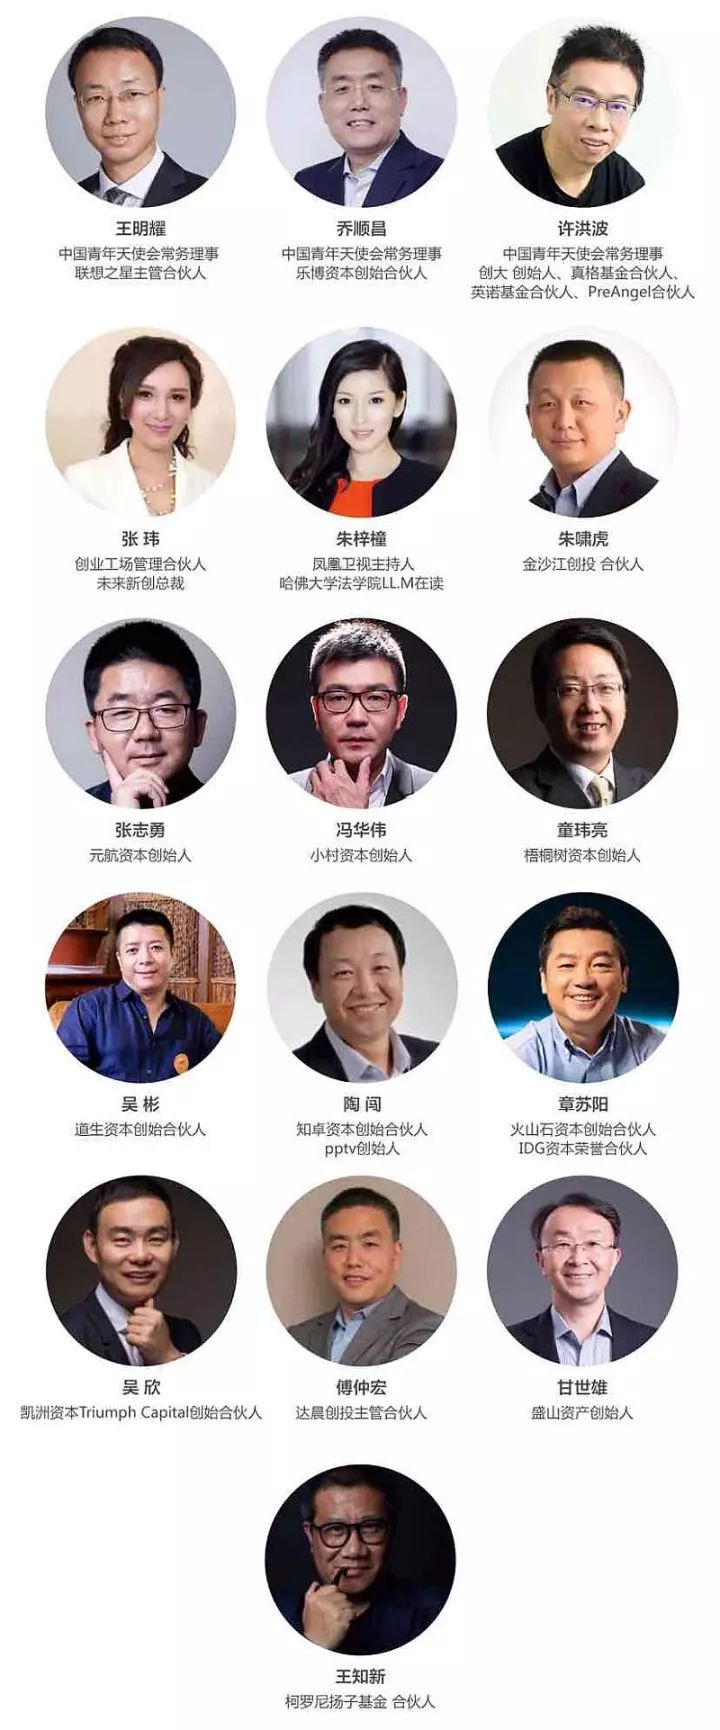 中国(上海)2017中国天使会投资人峰会暨中国青年天使会第四届黄浦江论坛